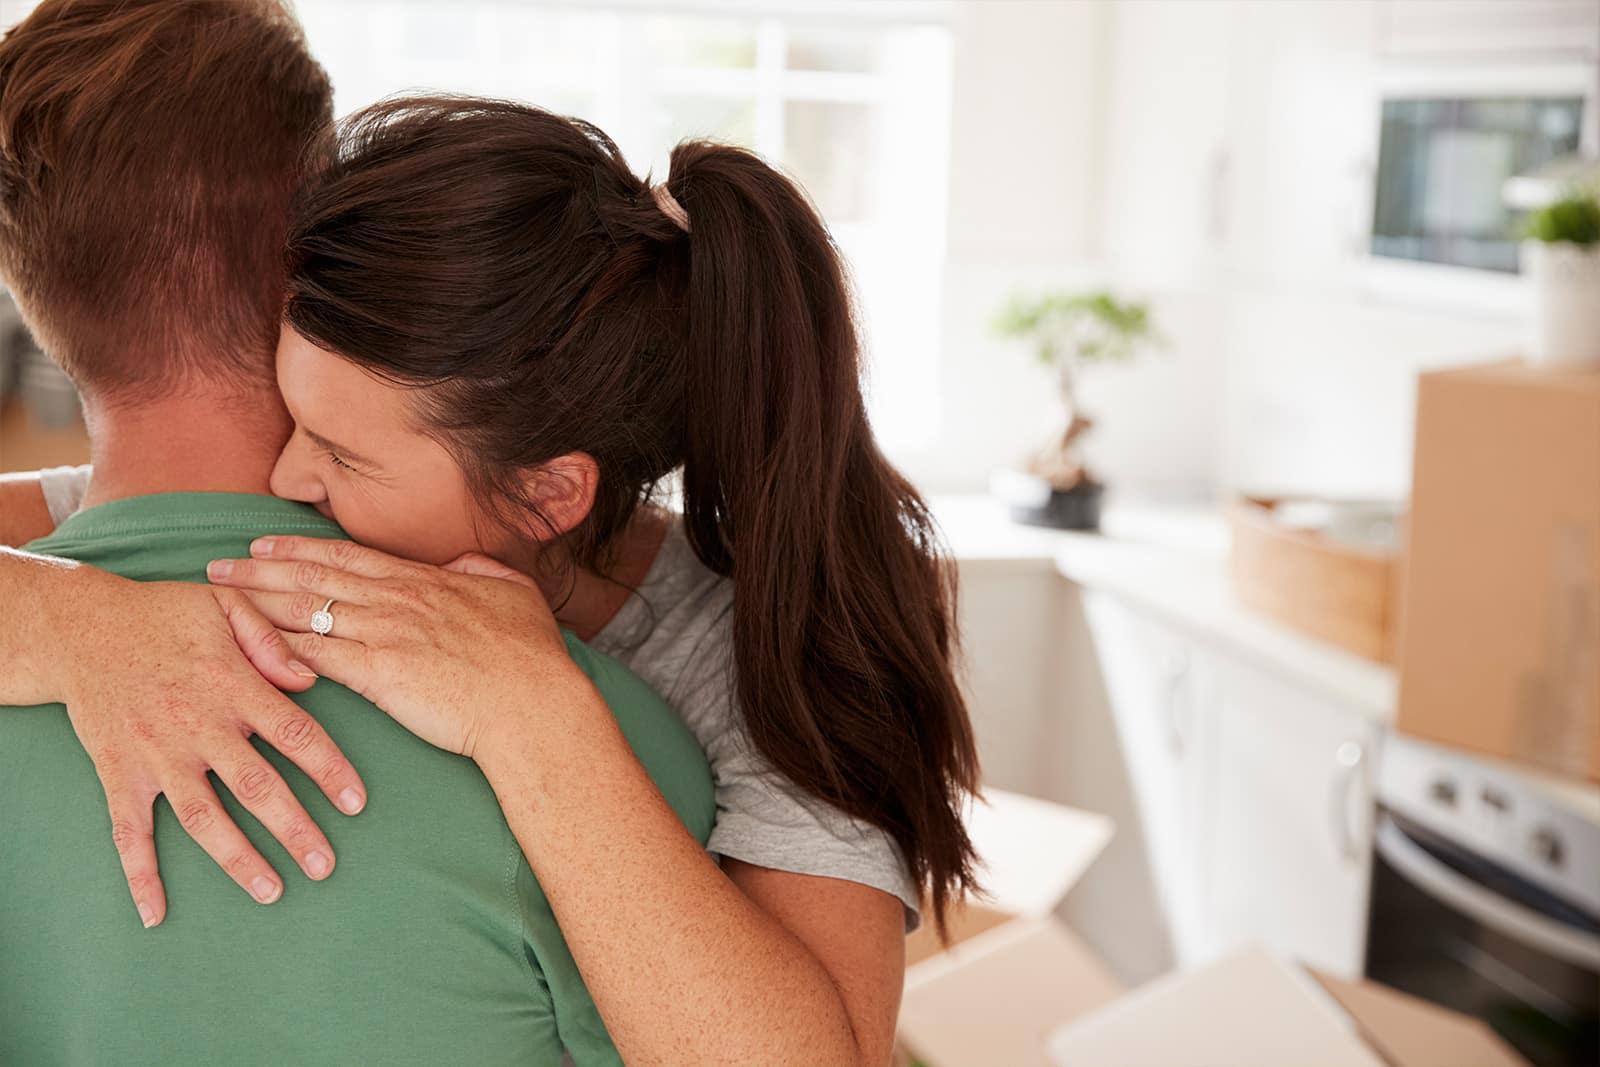 ¿Cómo saber si tengo una relación sana con mi pareja?